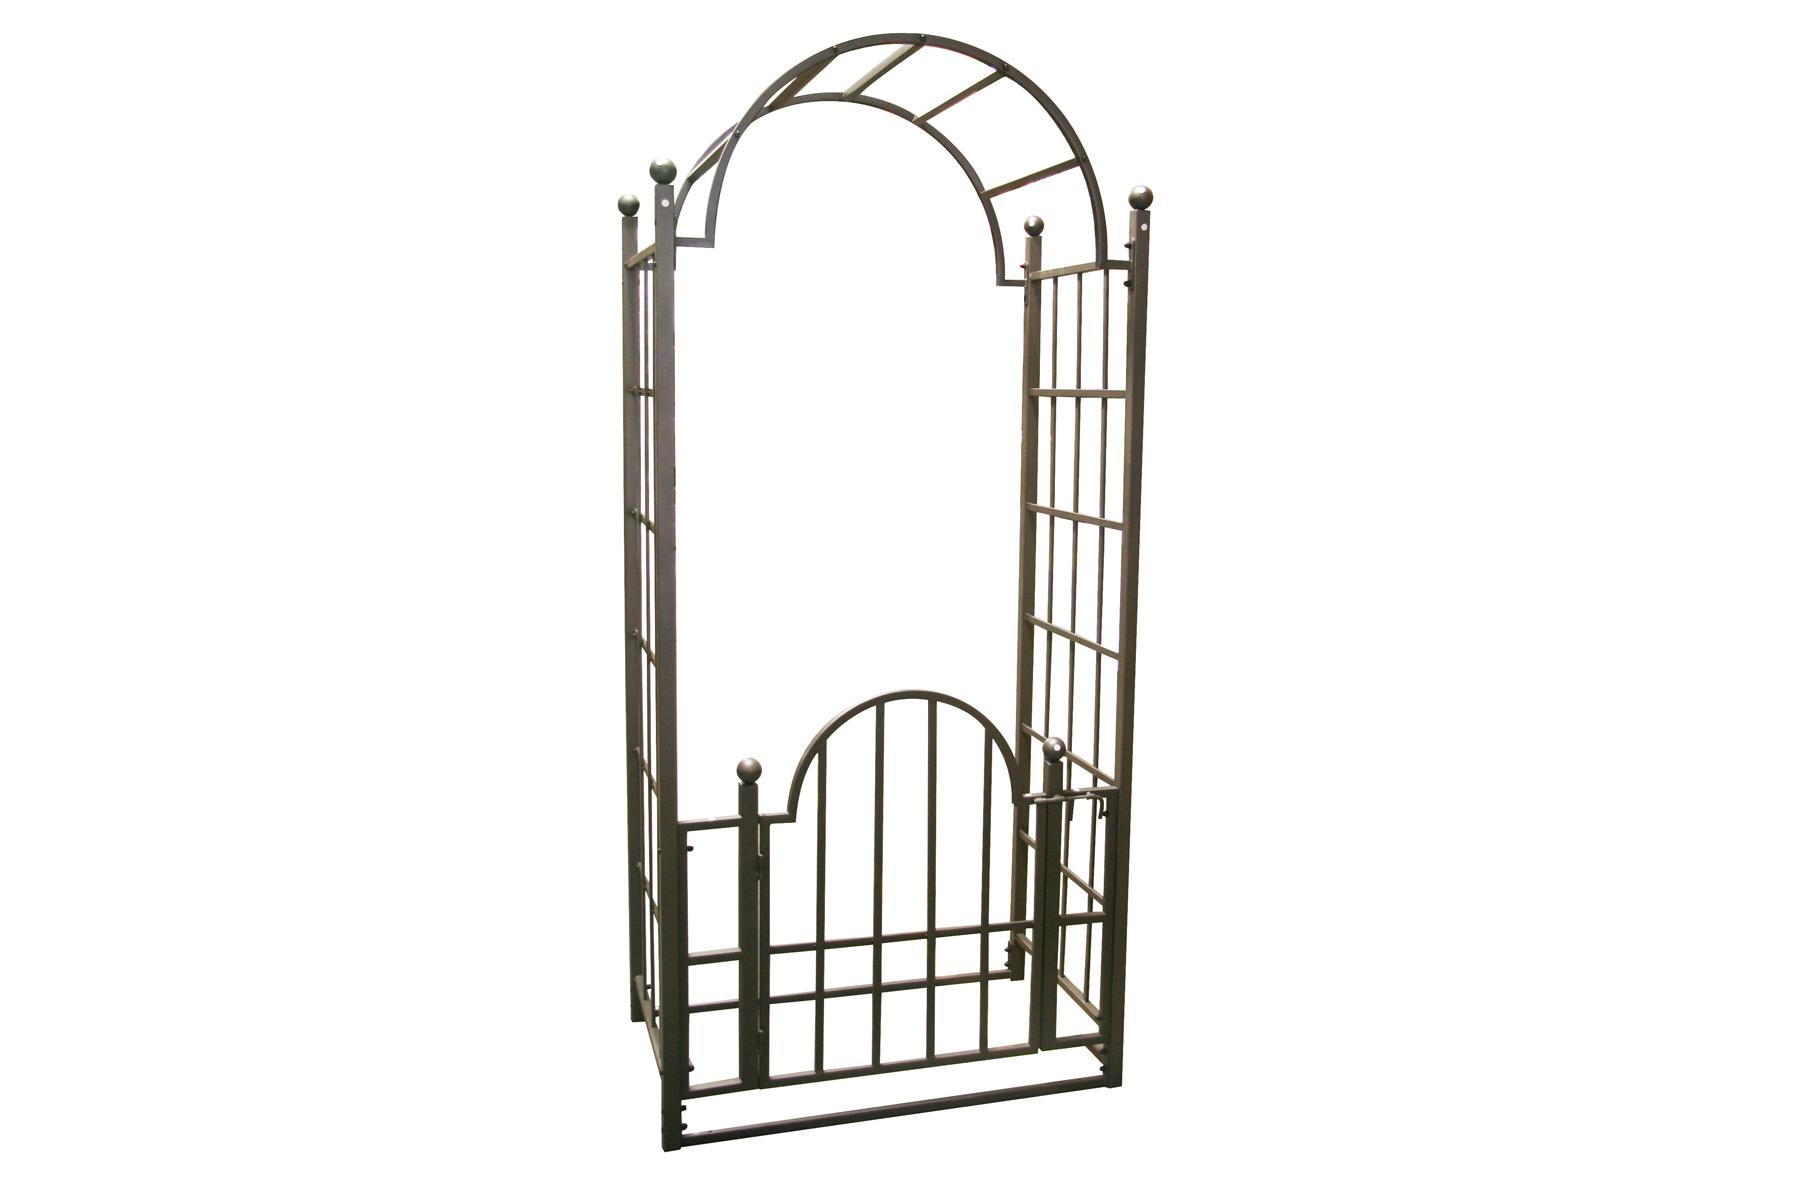 Tonnelle Metal Noir Avec Porte H 8 5 39 Derco Nos